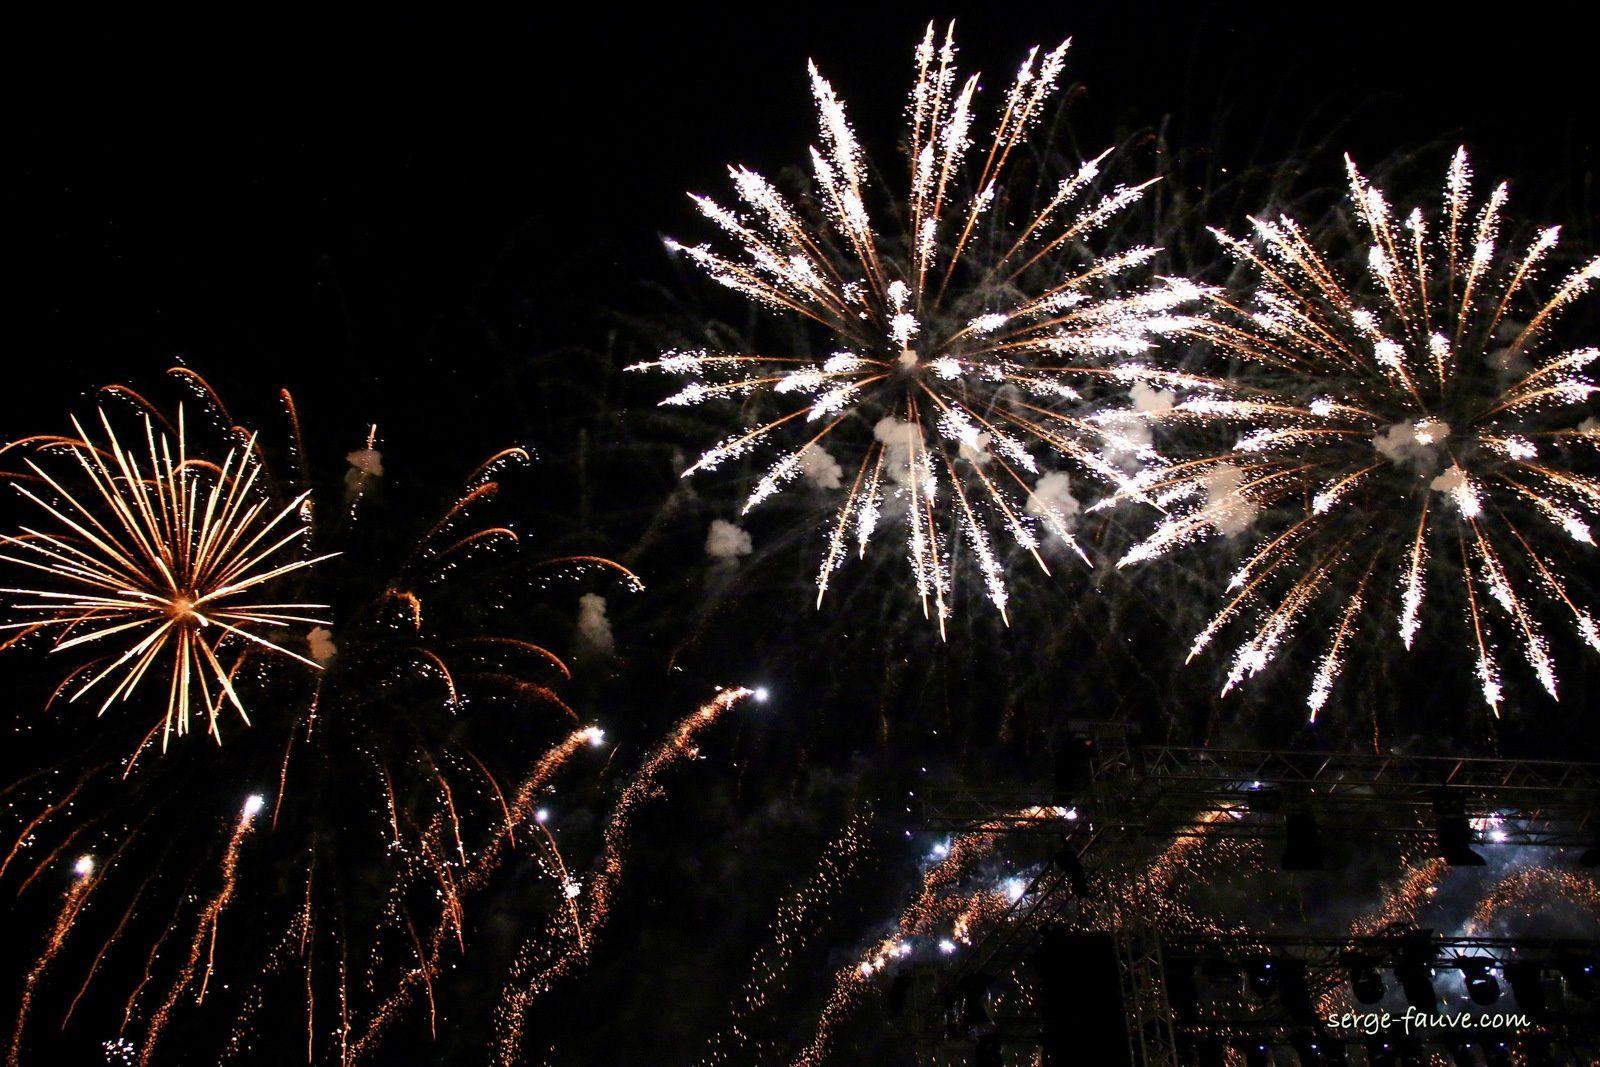 Les fêtes de la Loire à Orléans et le super feu d'artifice.